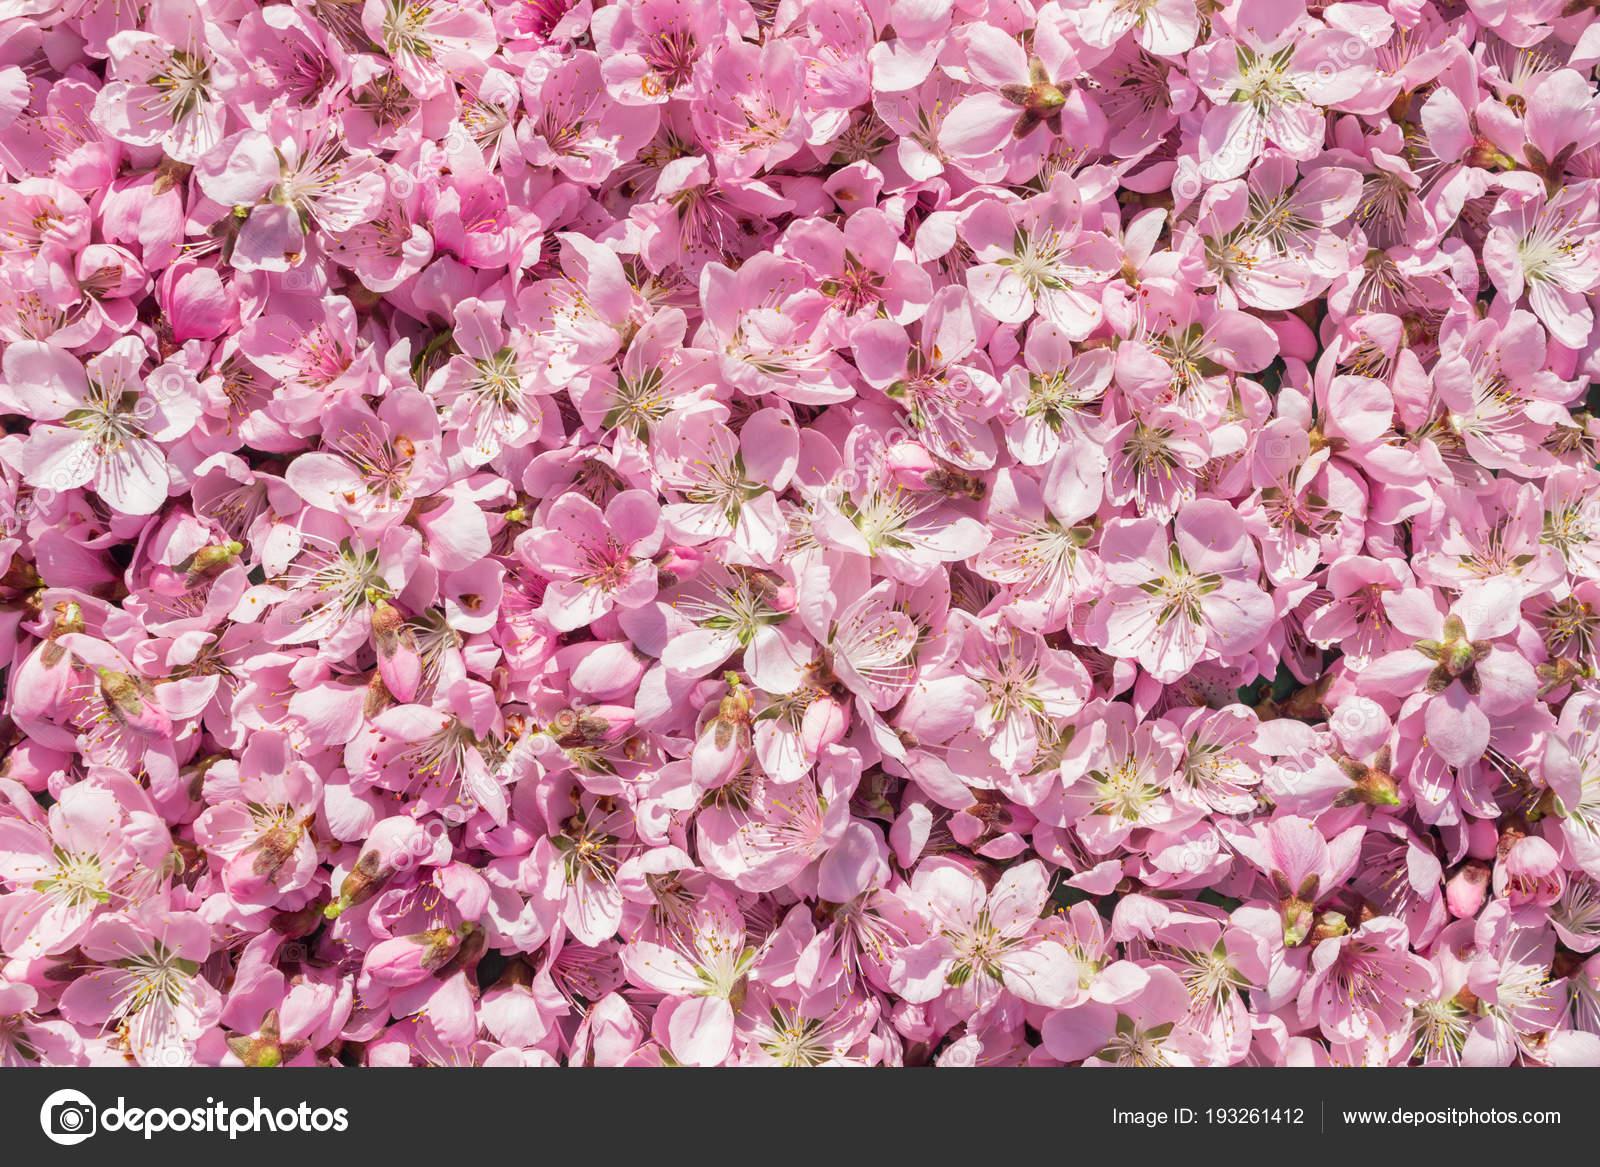 Sfondo Delicatamente Rosa Molti Fiori Di Pesco Rosa E Delicati Uno